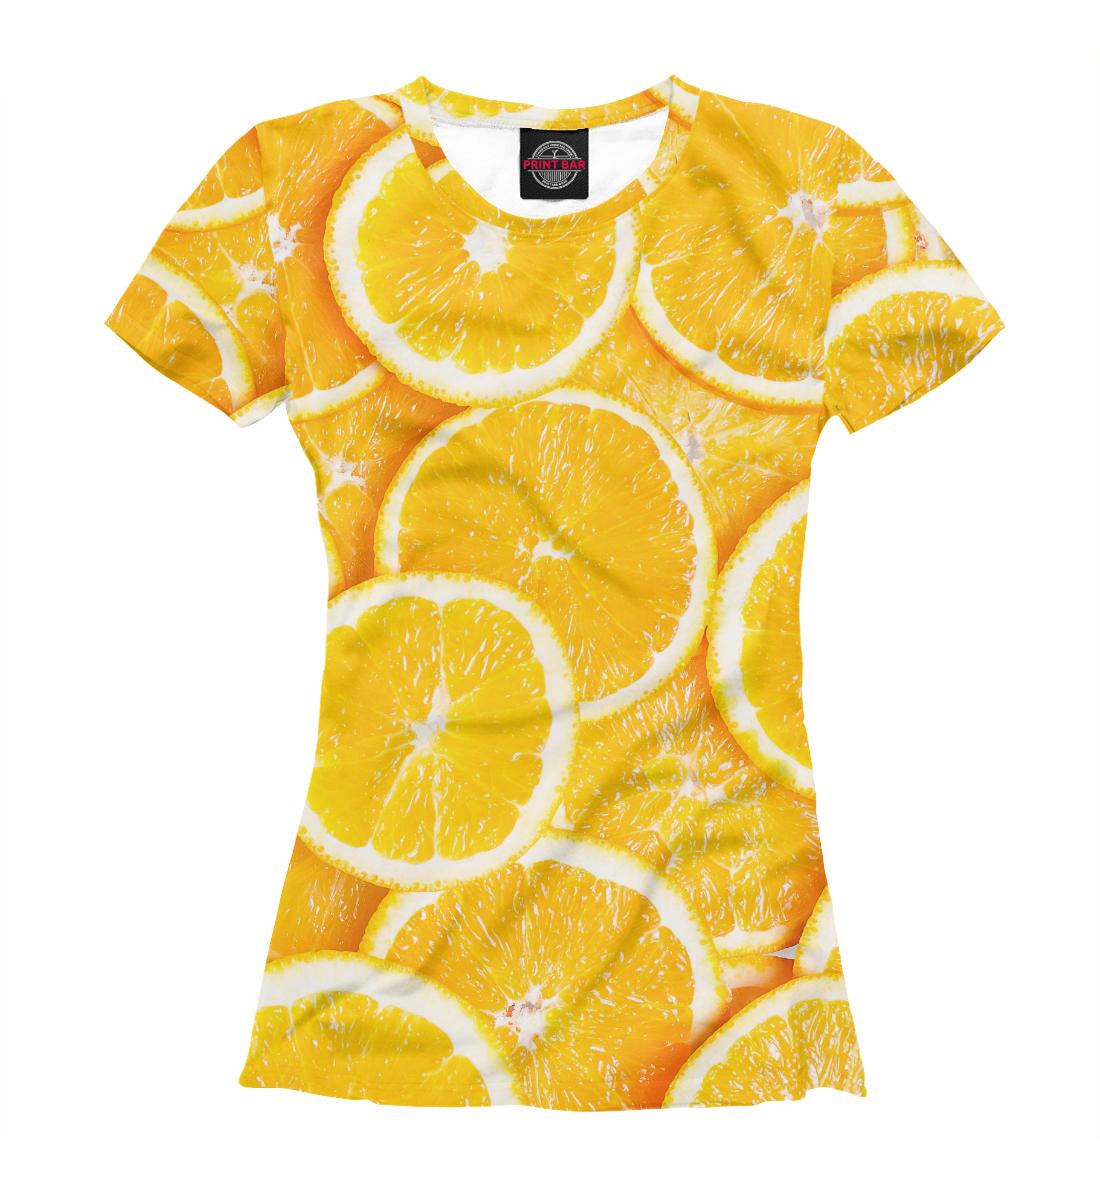 Апельсины, Printbar, Футболки, EDA-545605-fut-1  - купить со скидкой